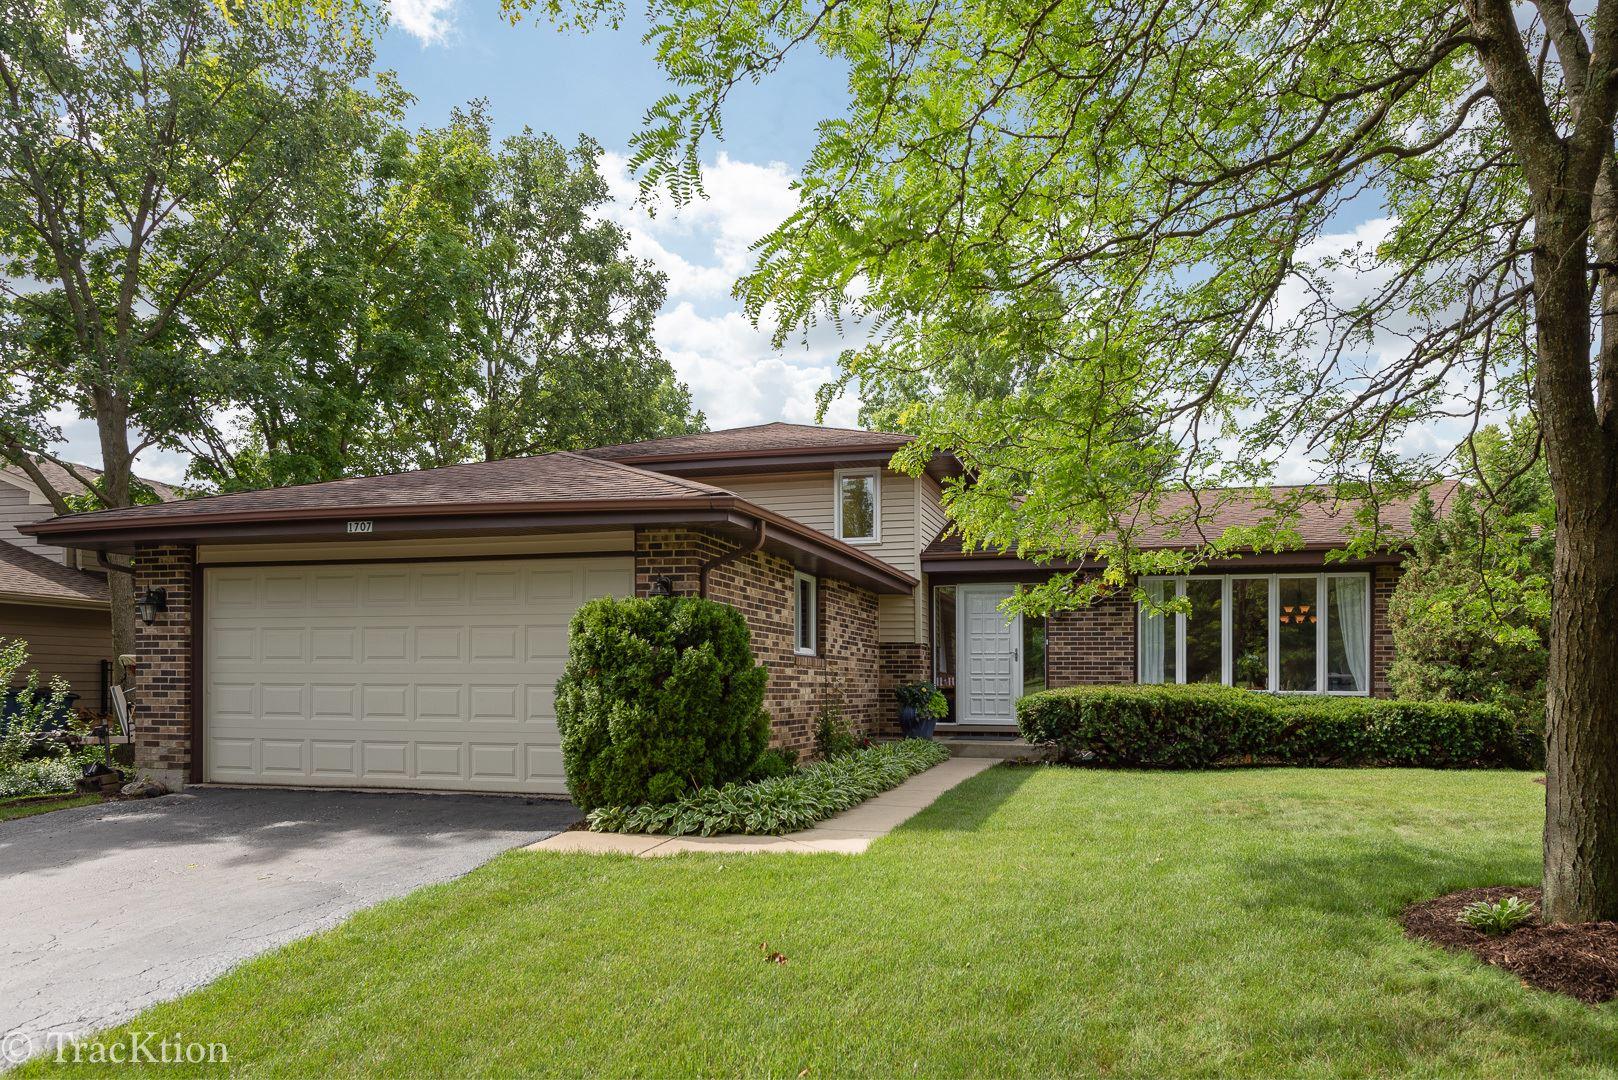 1707 Concord Drive, Downers Grove, IL 60516 - #: 10771998